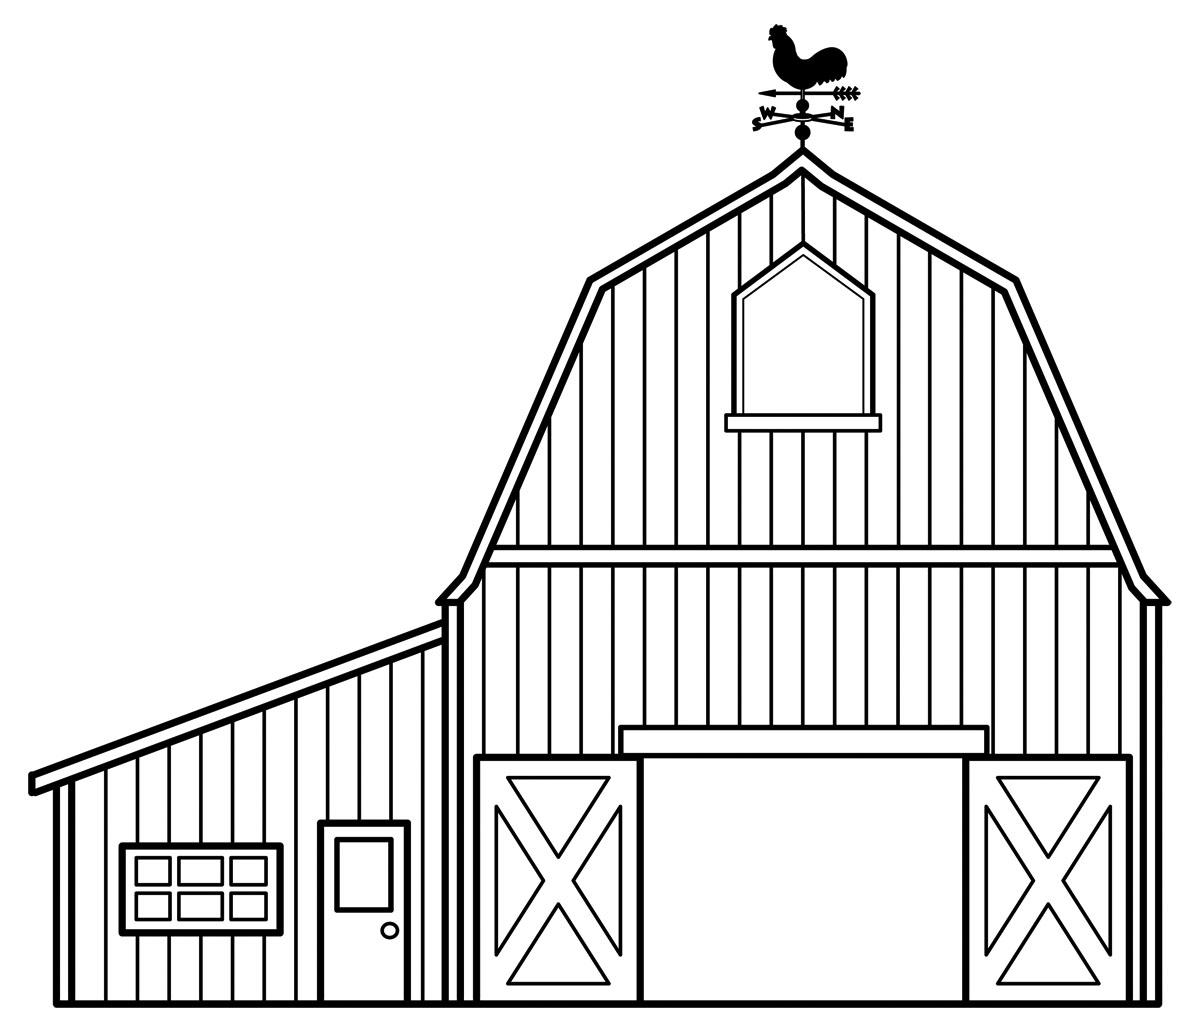 Drawn farm Step a house how Homes